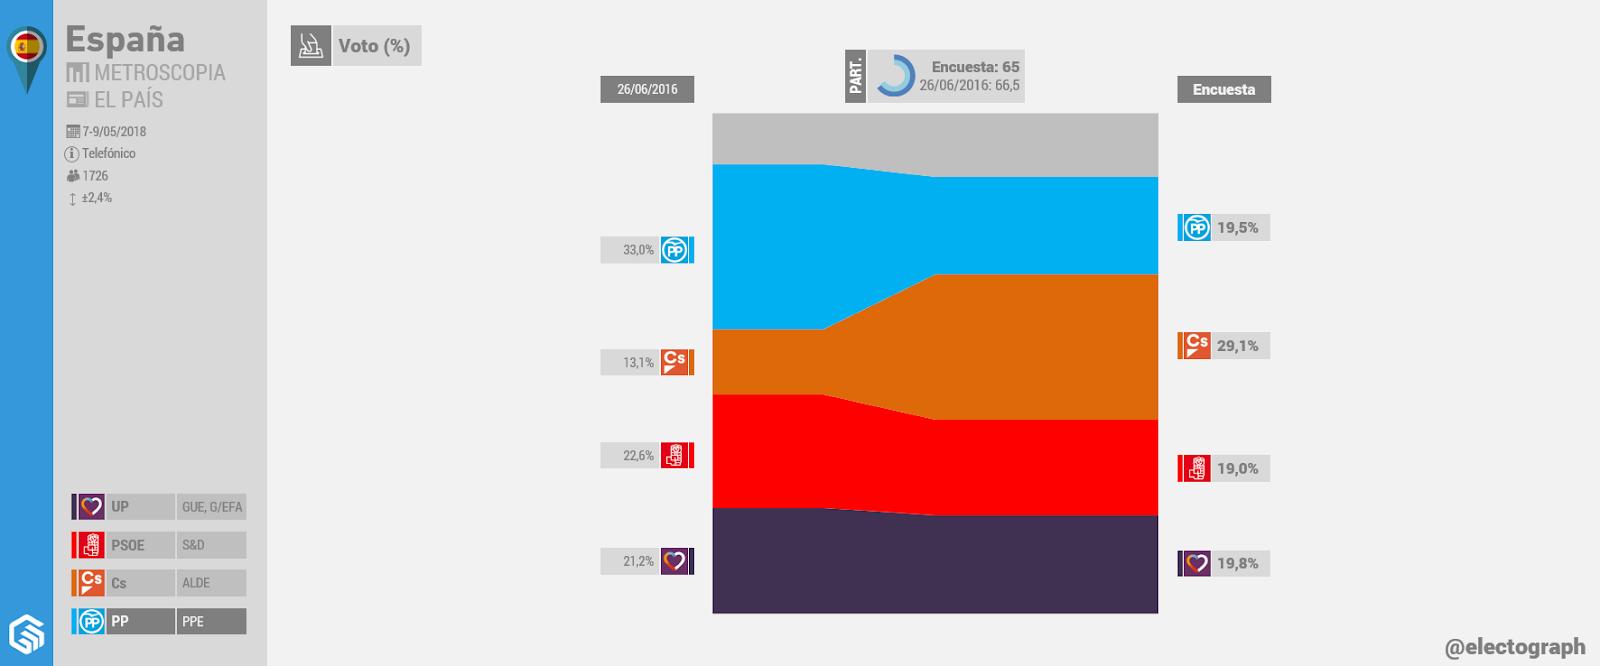 Gráfico de la encuesta para elecciones generales realizada por Metroscopia para El País en mayo de 2018